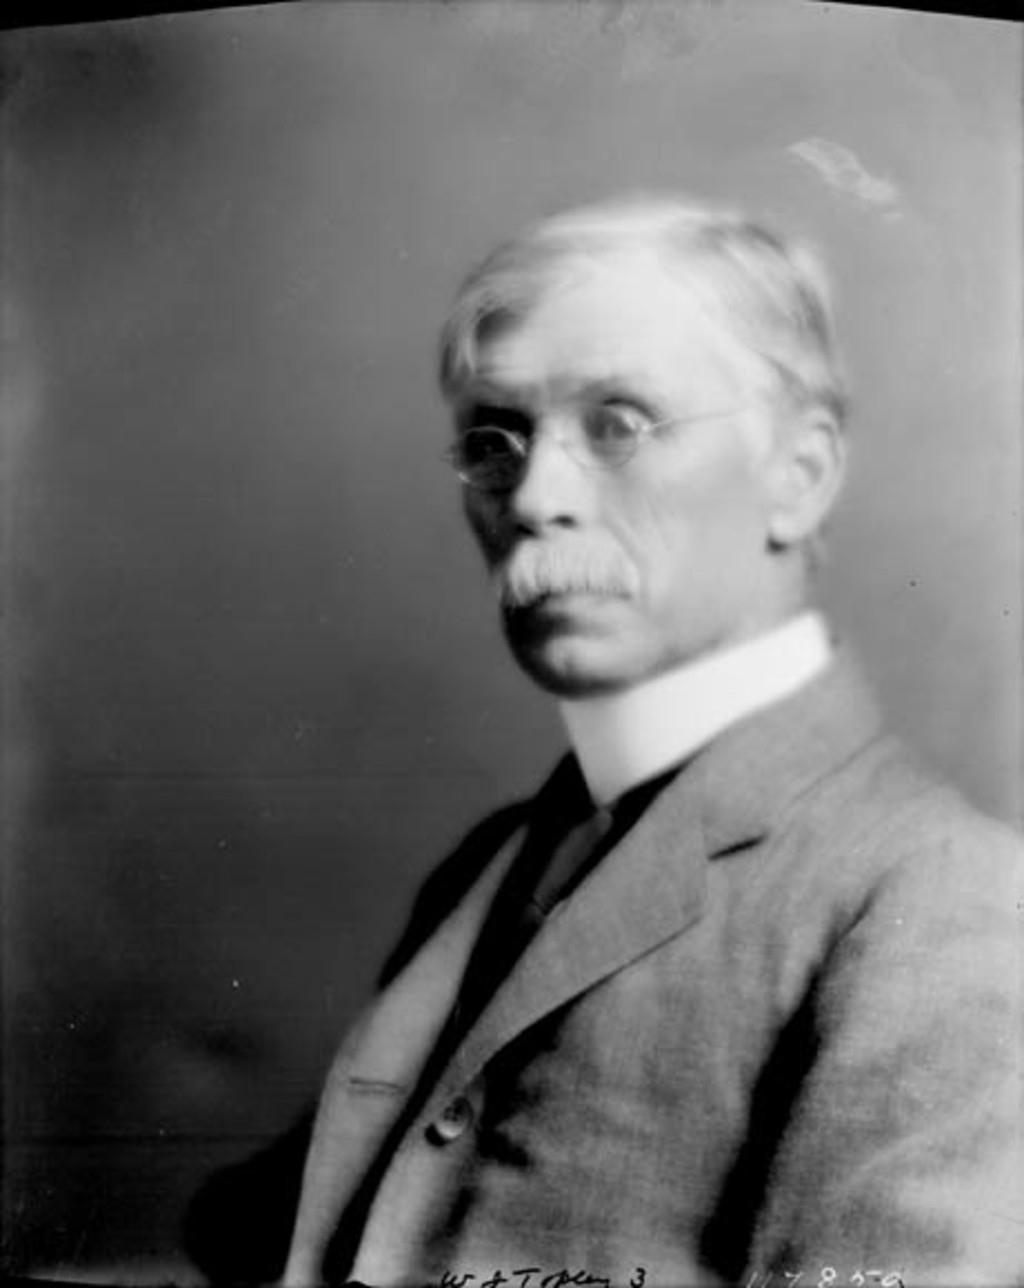 Topley, William James